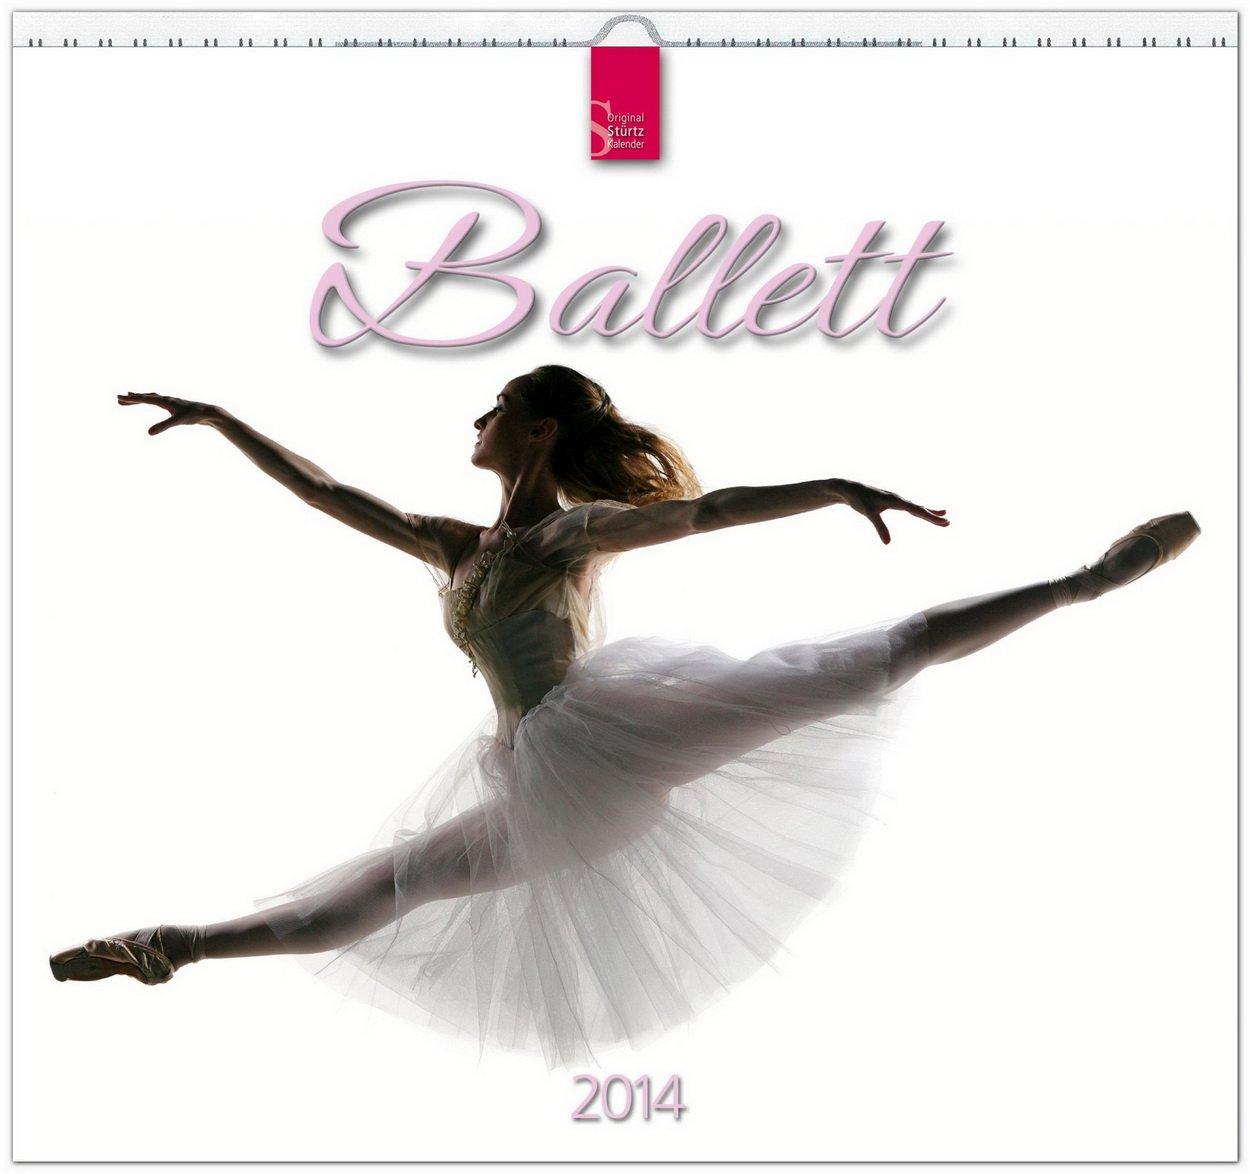 ballett-2014-original-strtz-kalender-mittelformat-kalender-33-x-31-cm-spiralbindung